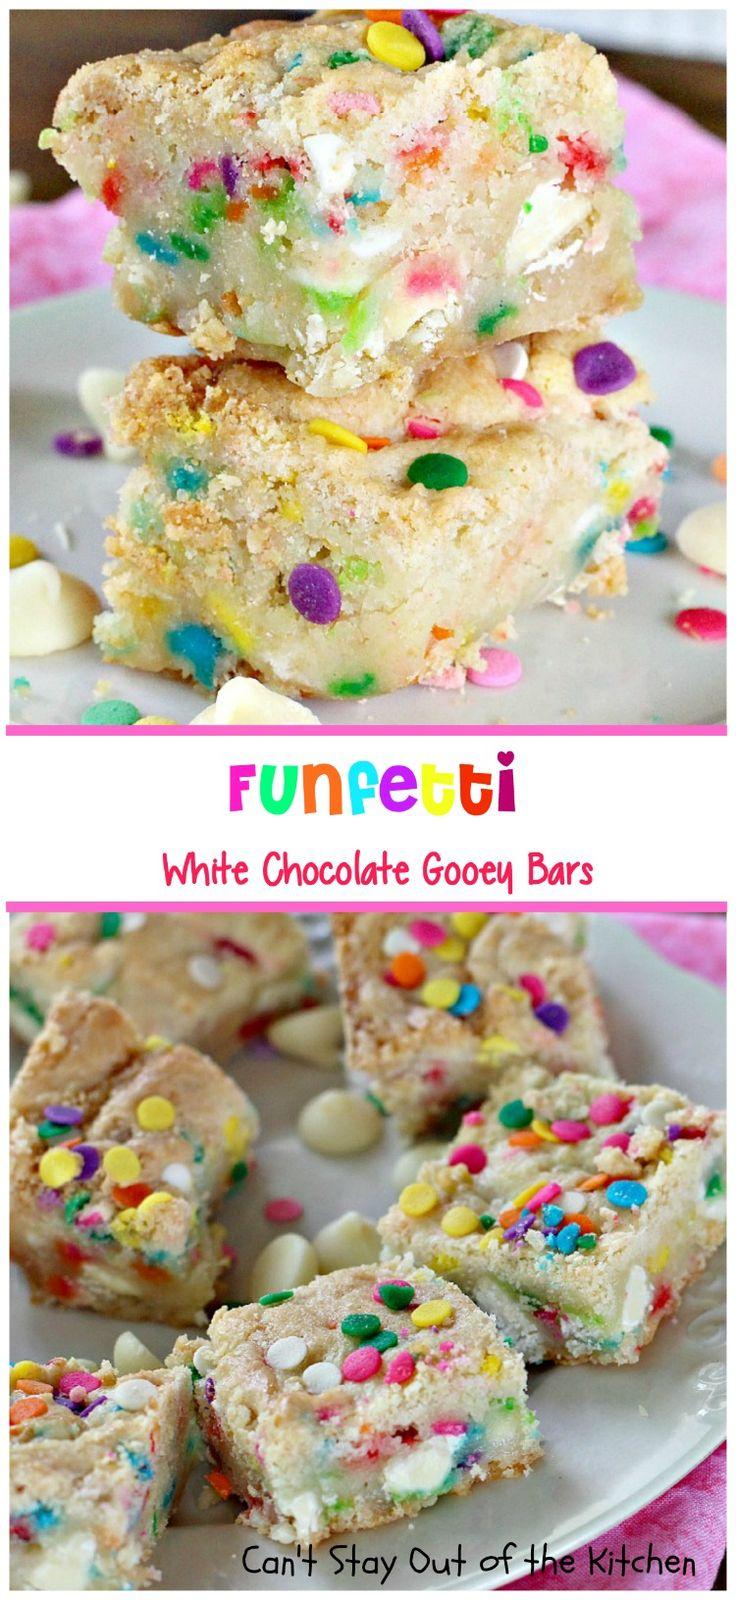 Funfetti White Chocolate Gooey Bars